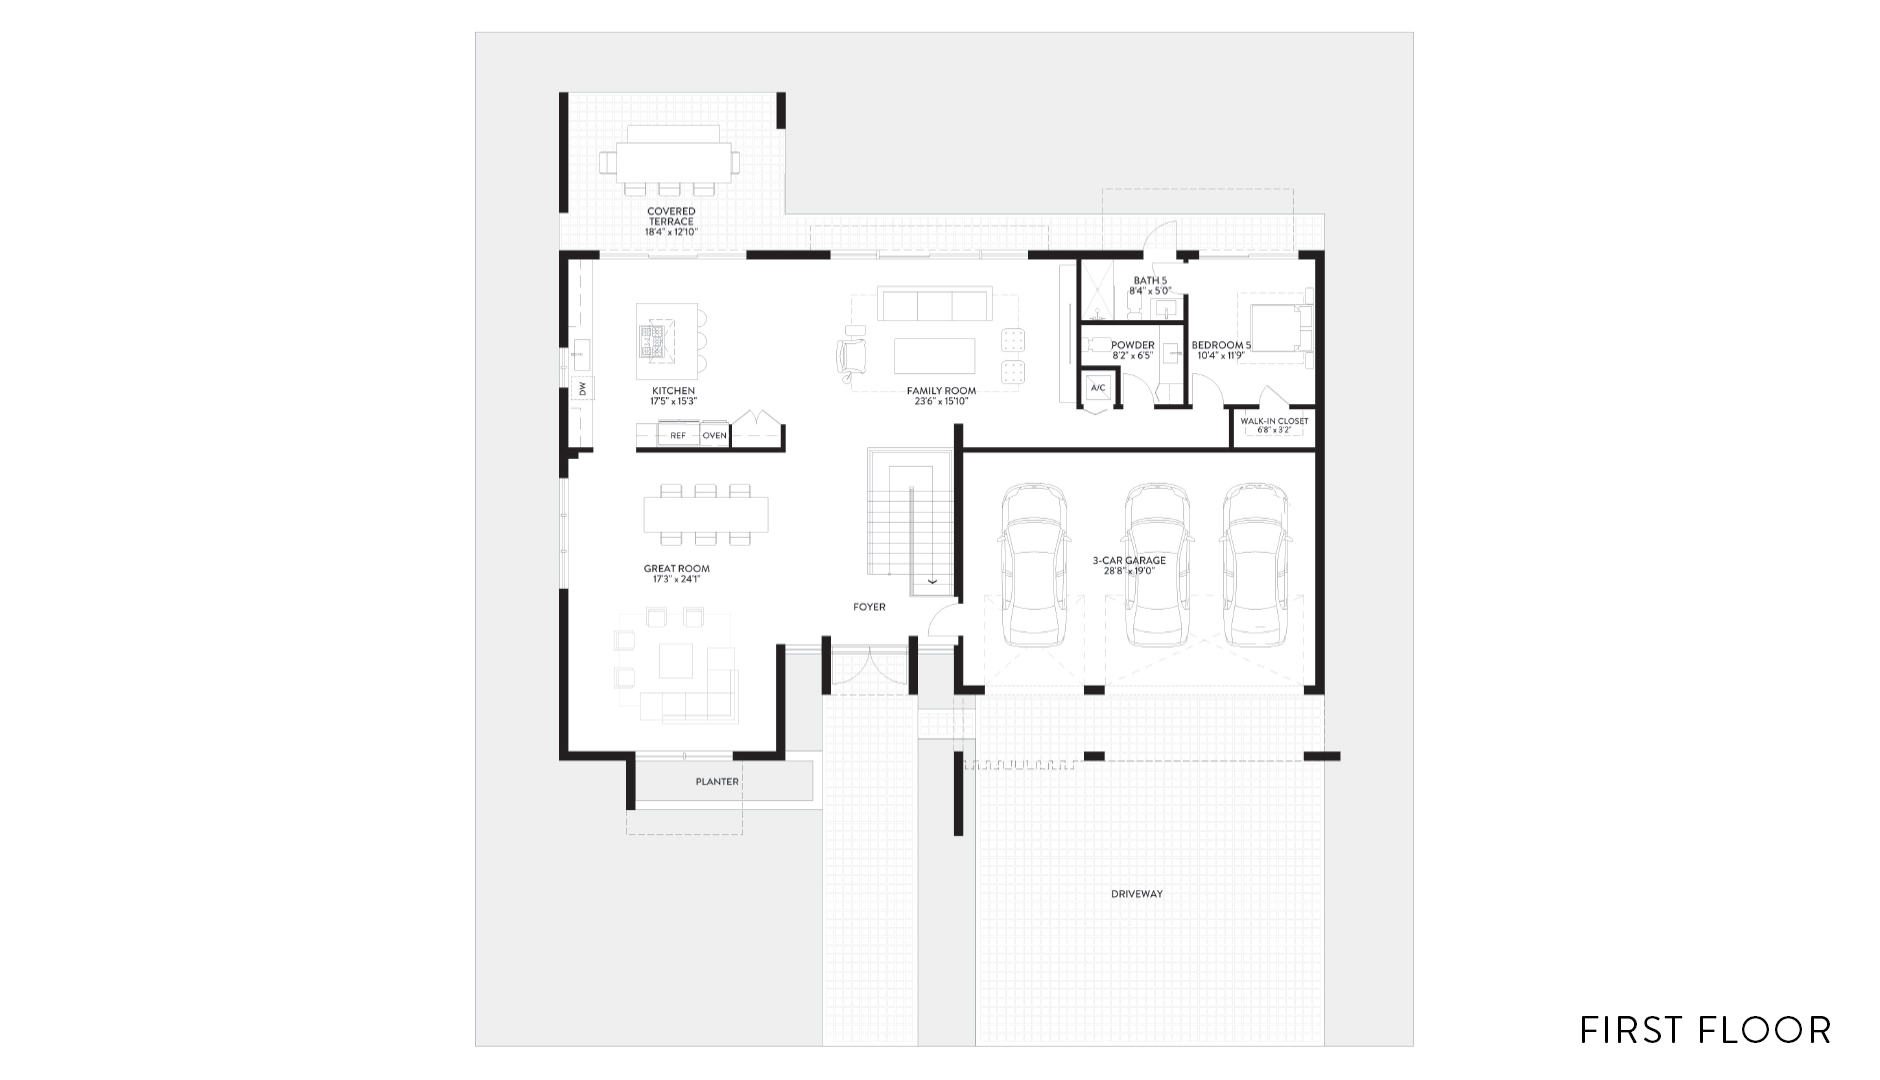 Mateu M7 Floor 1